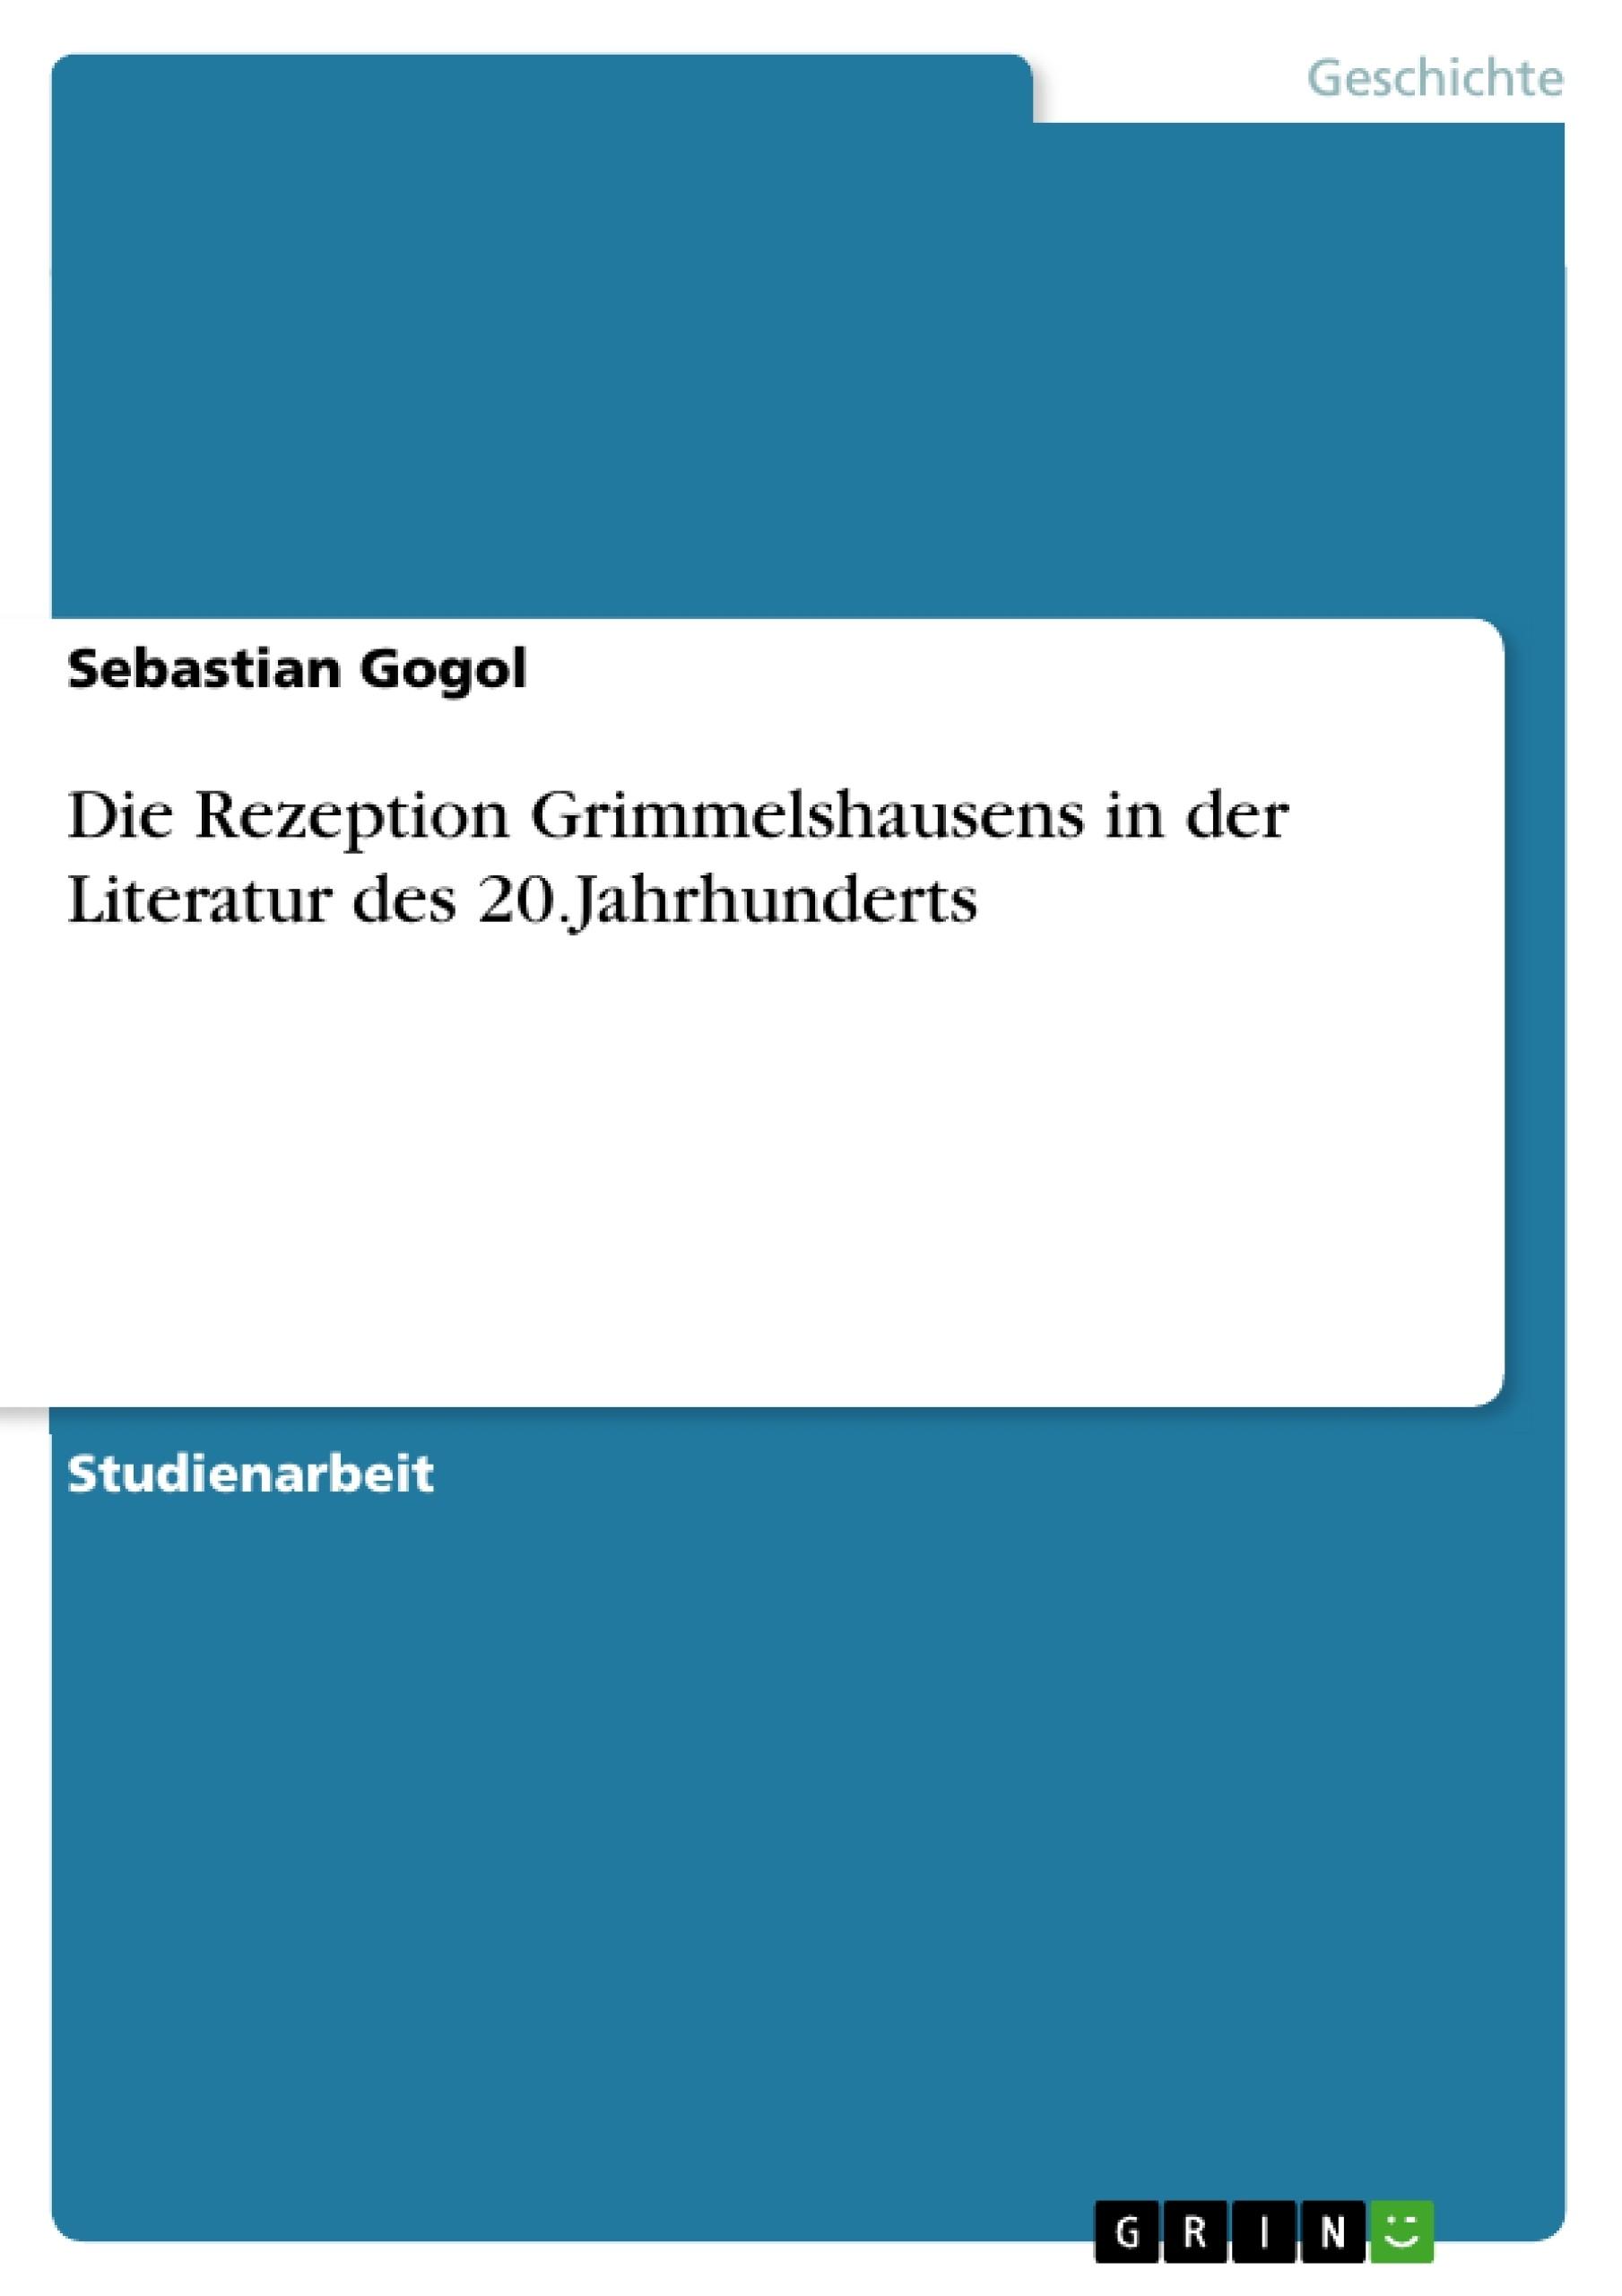 Titel: Die Rezeption Grimmelshausens in der Literatur des 20.Jahrhunderts